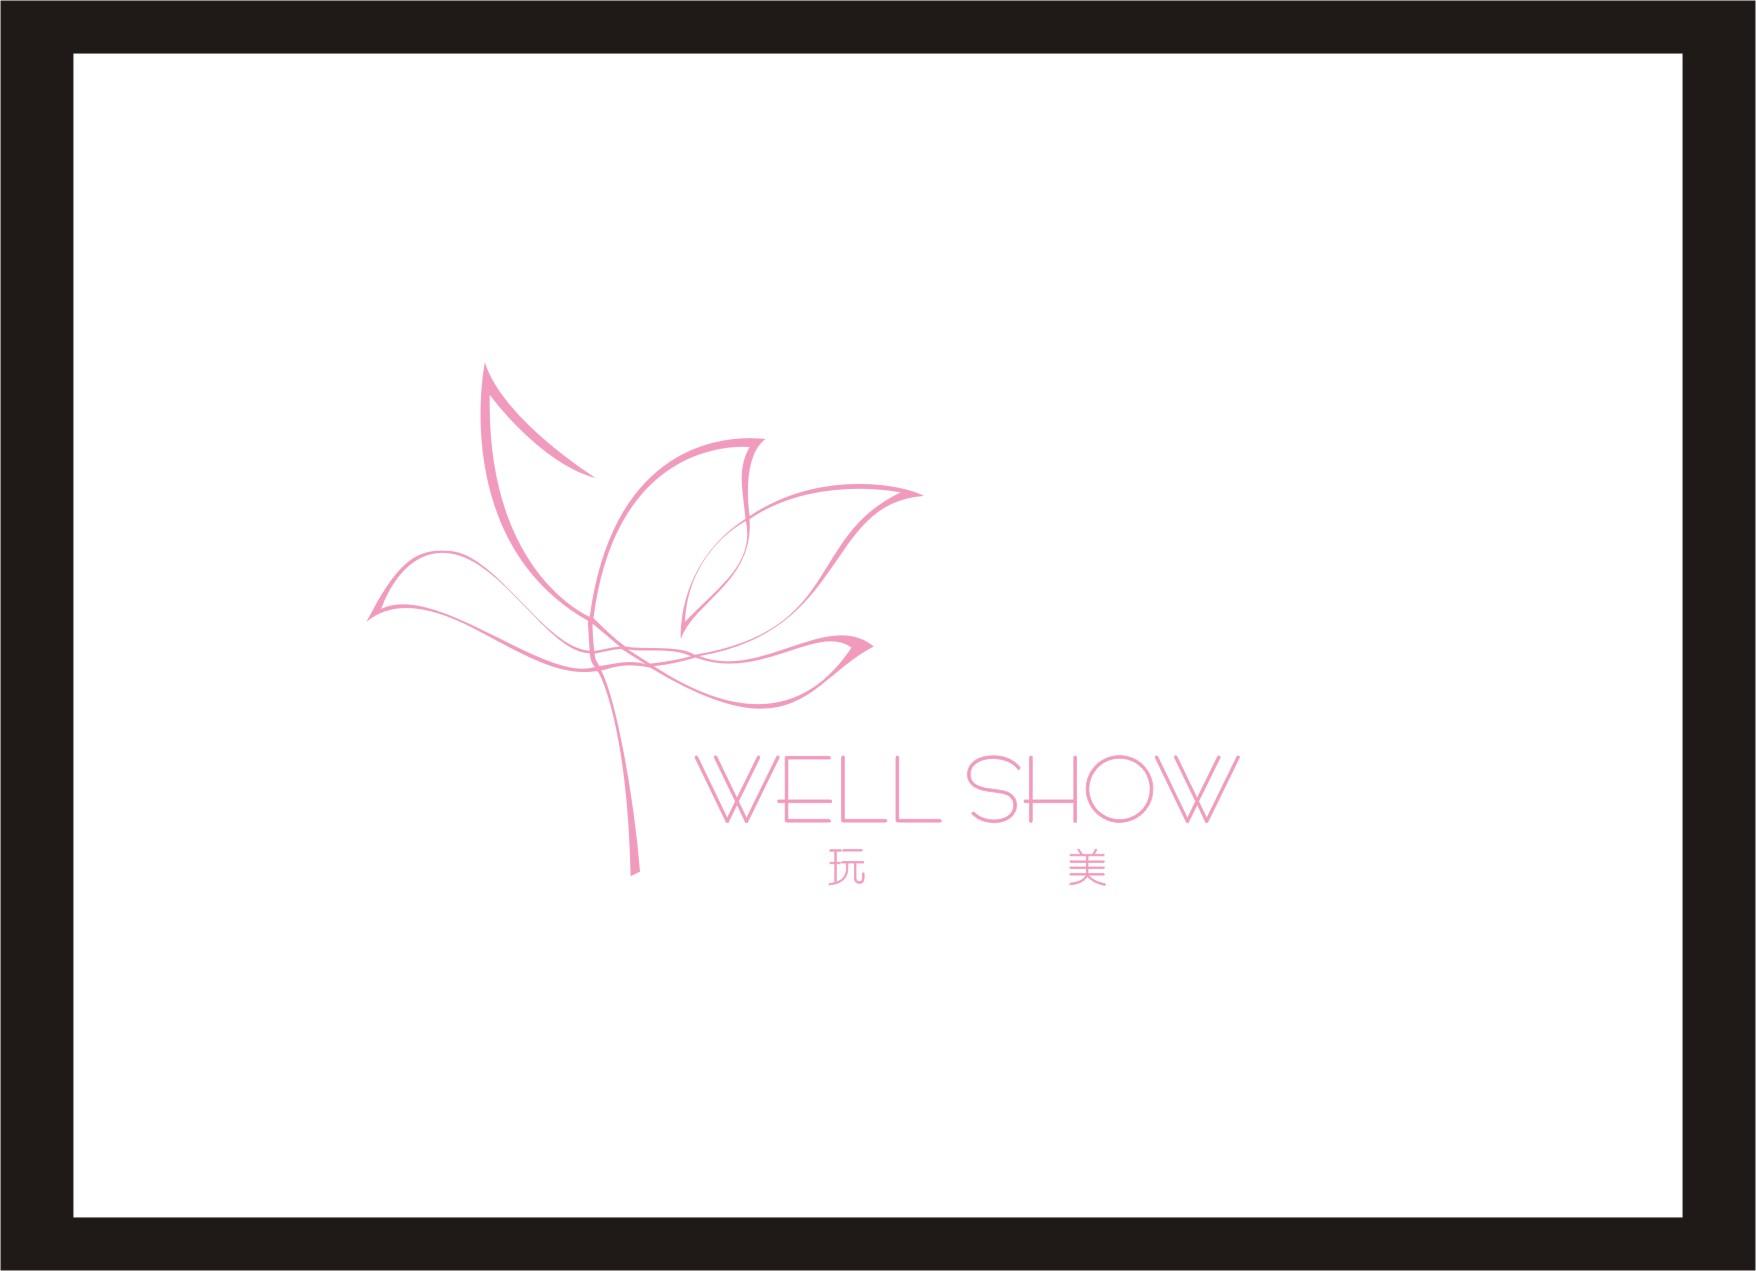 一、任务介绍:   玩美(WELL SHOW)是一个全新概念的化妆品品牌,主要针对青春活力的大学生群体和年轻上班族追求个性化、时尚、扮美的需求,为时尚女性提供多种护肤系列产品。 品牌定位:以扮美时尚、张扬个性为品牌内涵。采集世界上各种精华化妆品原材料,为现代女性提供一个个性化扮美靓丽人生的平台,提供一个选择自己钟情的化妆品、自己动手制作、试用的温馨场所。 二、设计任务:   A.